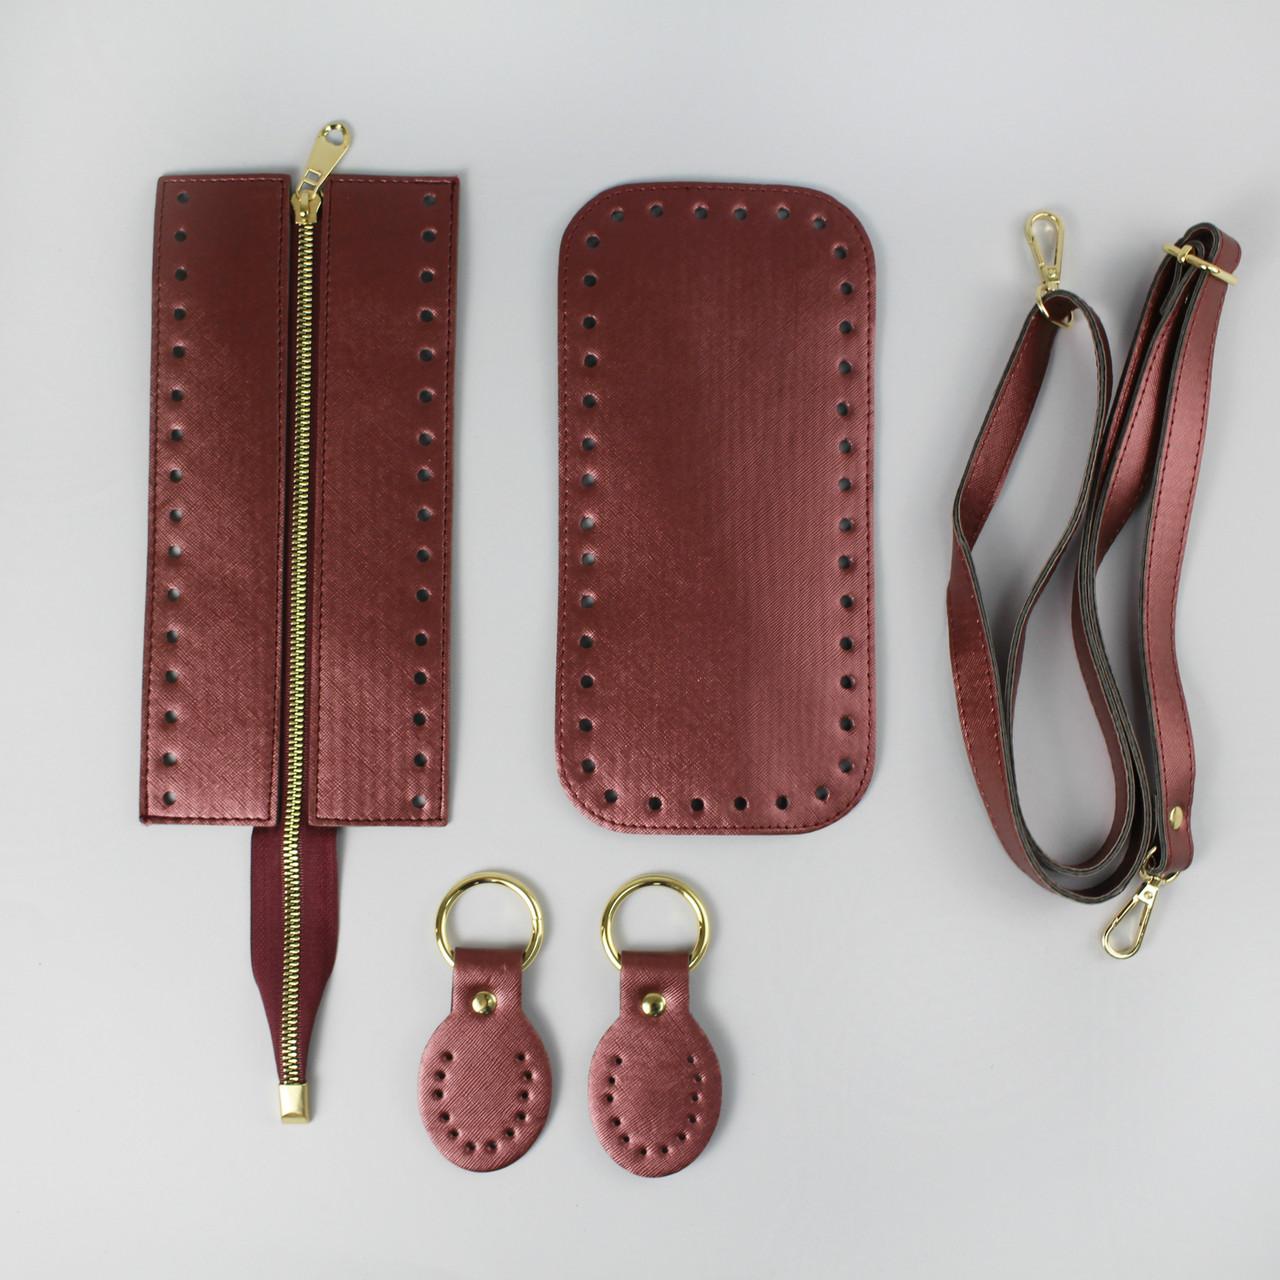 Набор для сумки экокожа Бордо Металлик донышко+верх на змейке 12х25см с регулируемой ручкой